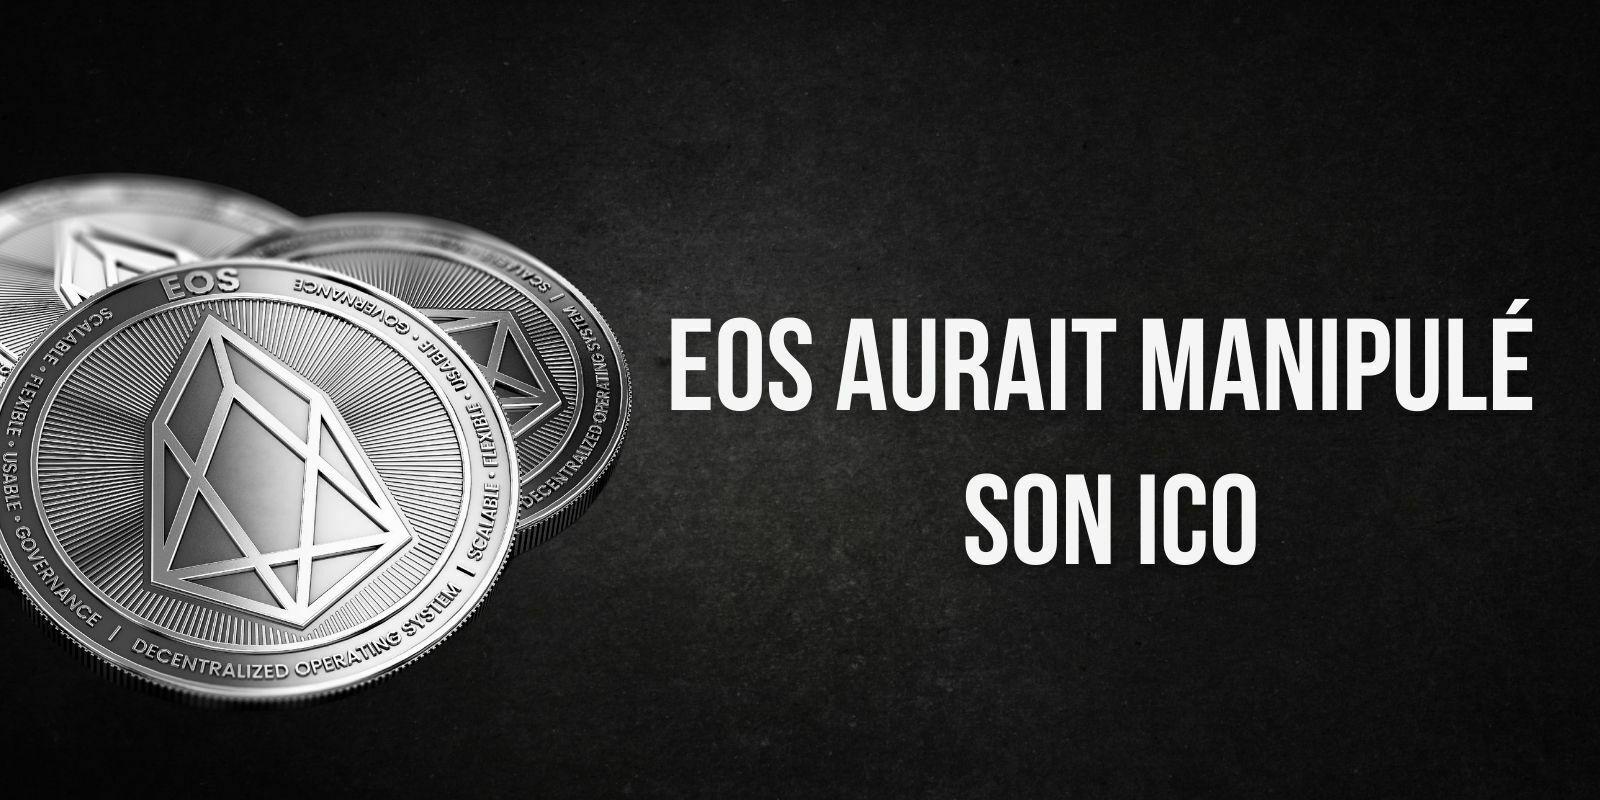 Des nouvelles preuves affirment que l'ICO réalisée par EOS aurait été manipulée